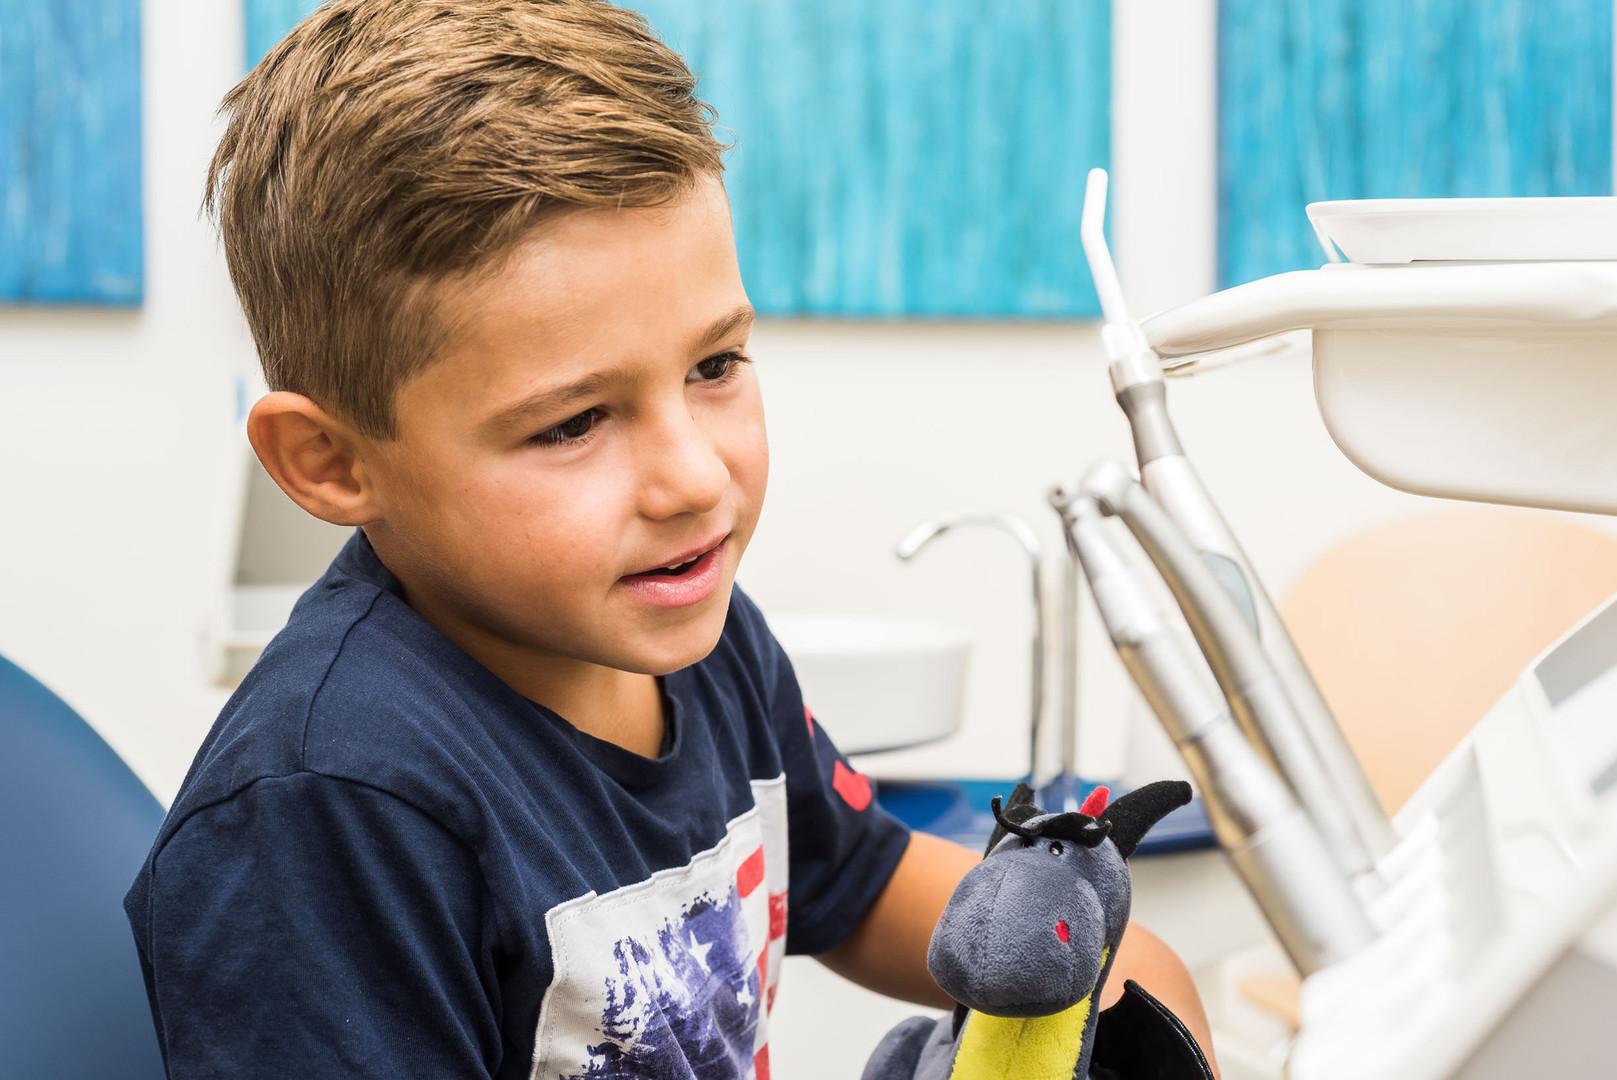 Zahnheilkunde - Mund-Kiefer-Gesichtschirurgie Dorsten